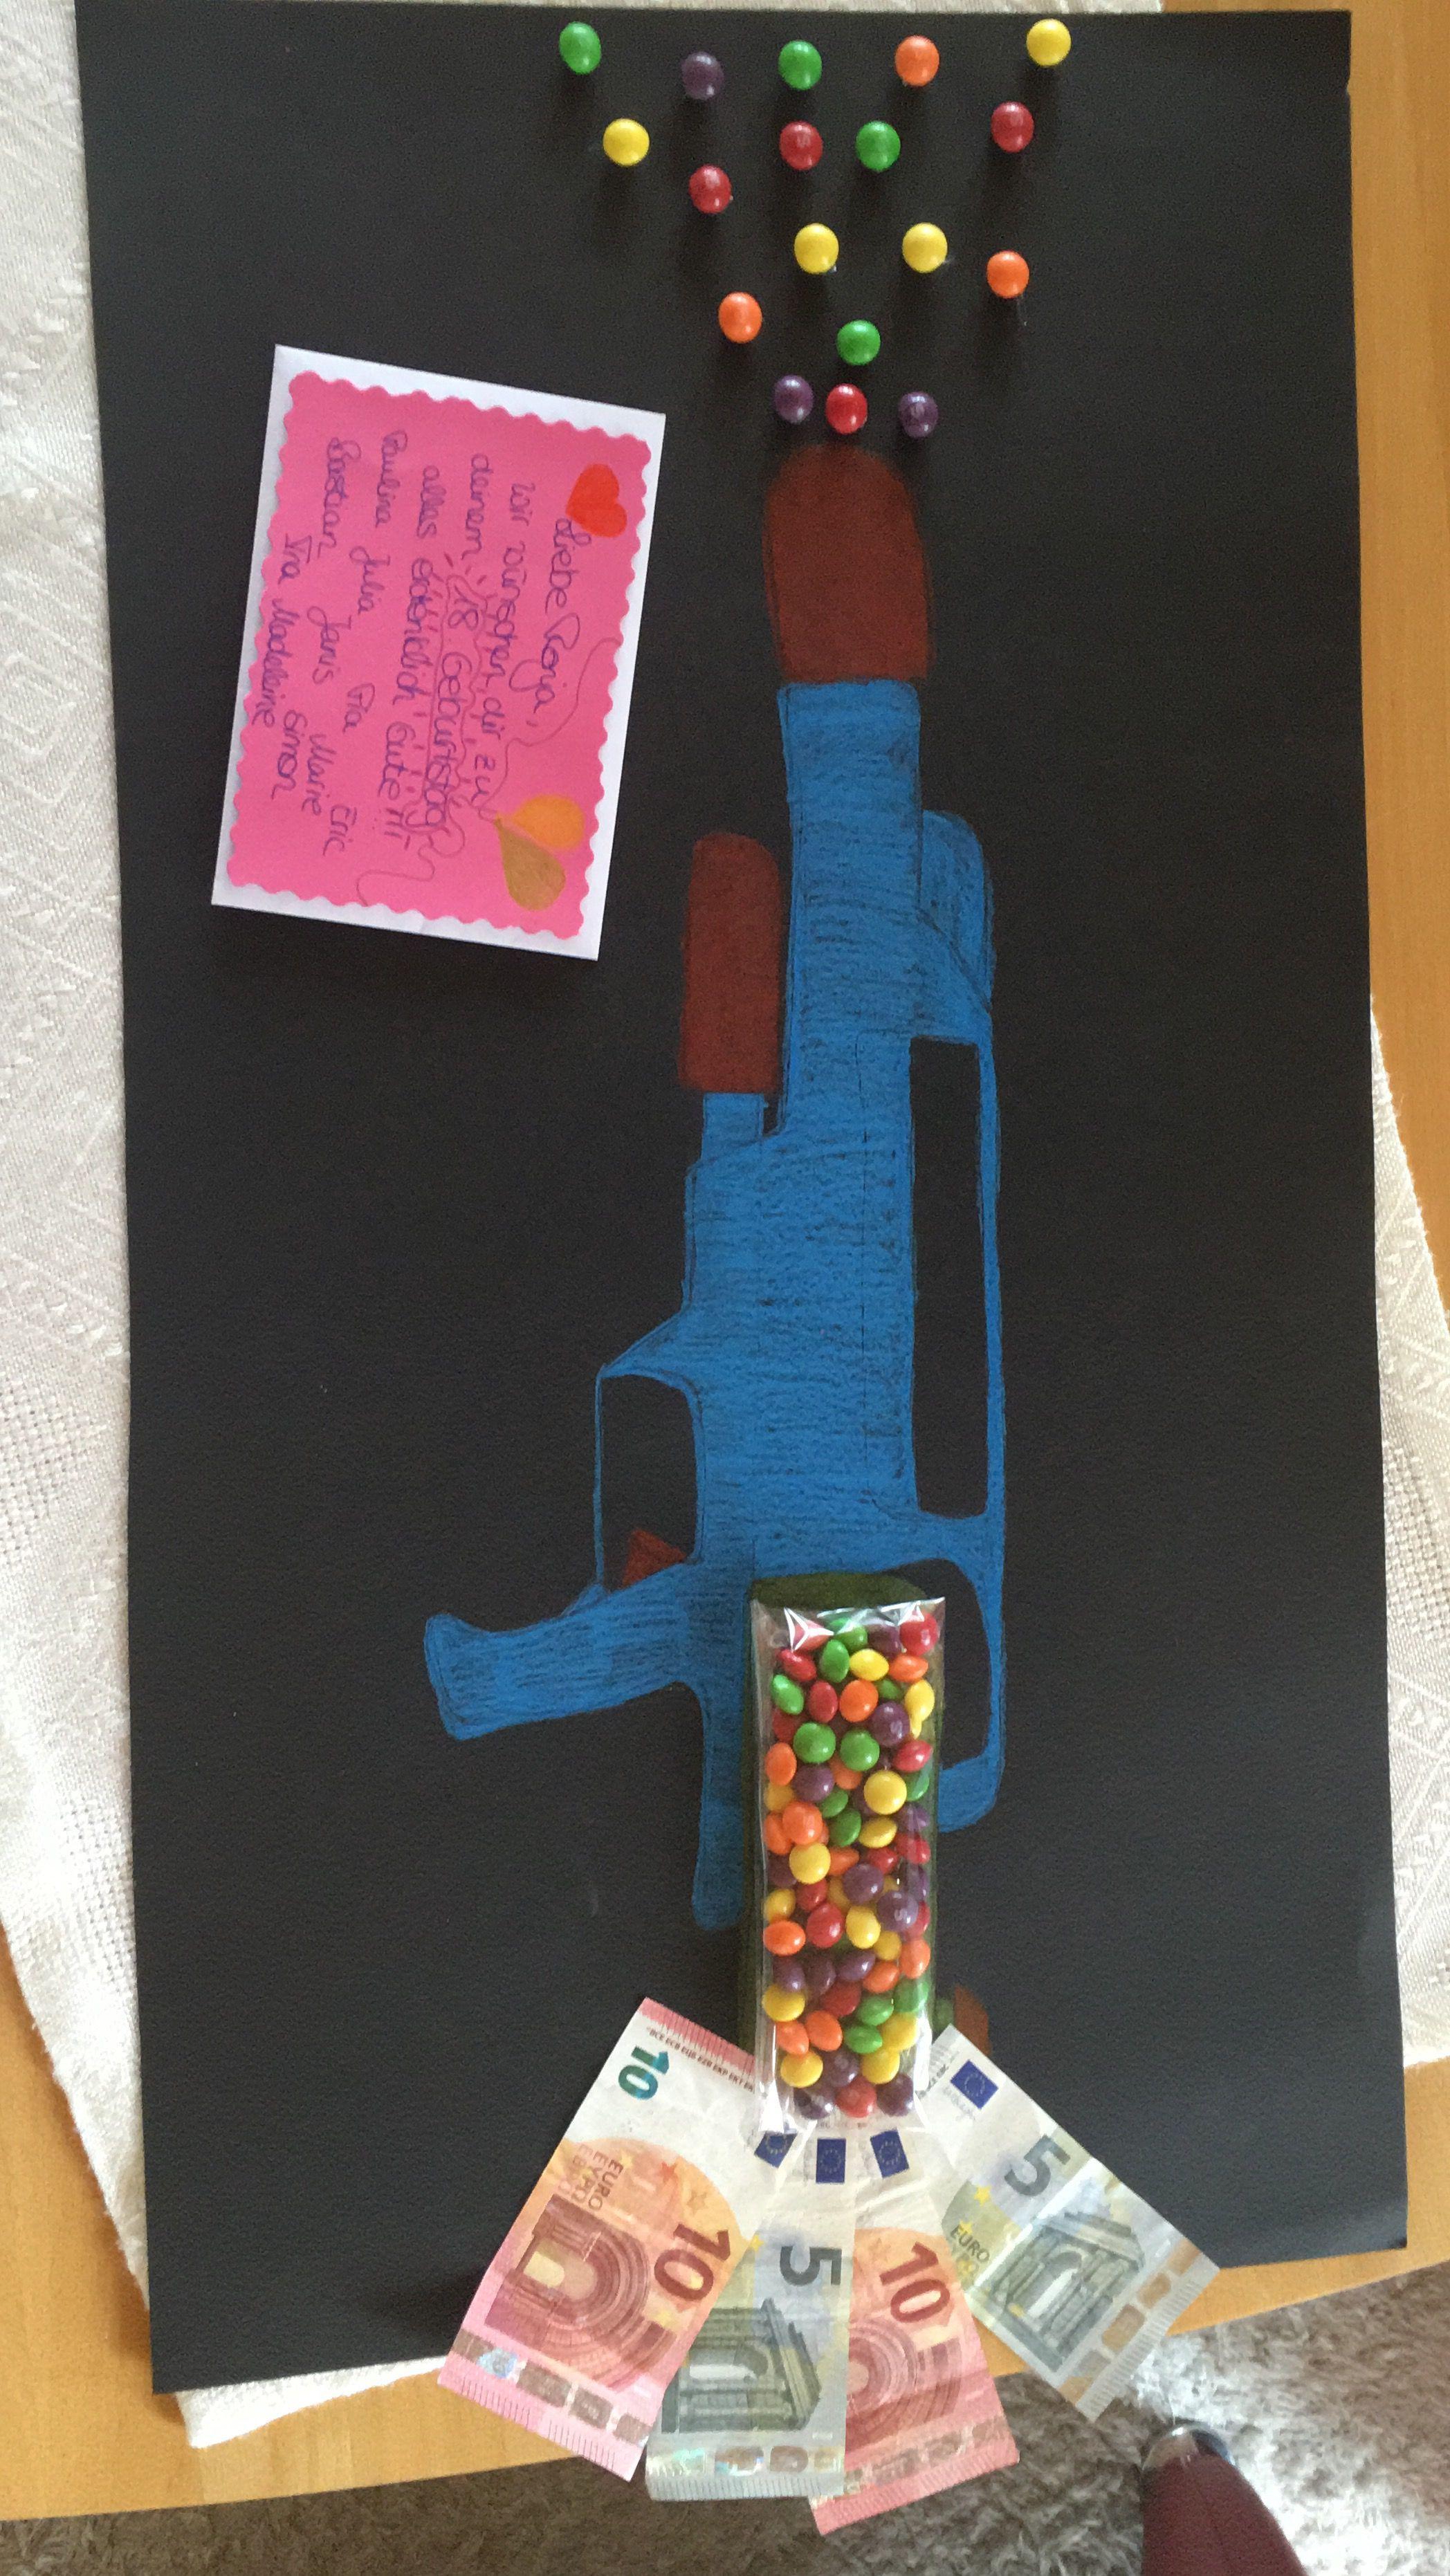 In Dem Umschlag Befinden Sich Zwei Paintball Gutscheine Gutschein Geschenke Geschenke Verpacken Kreativ Geschenke Basteln